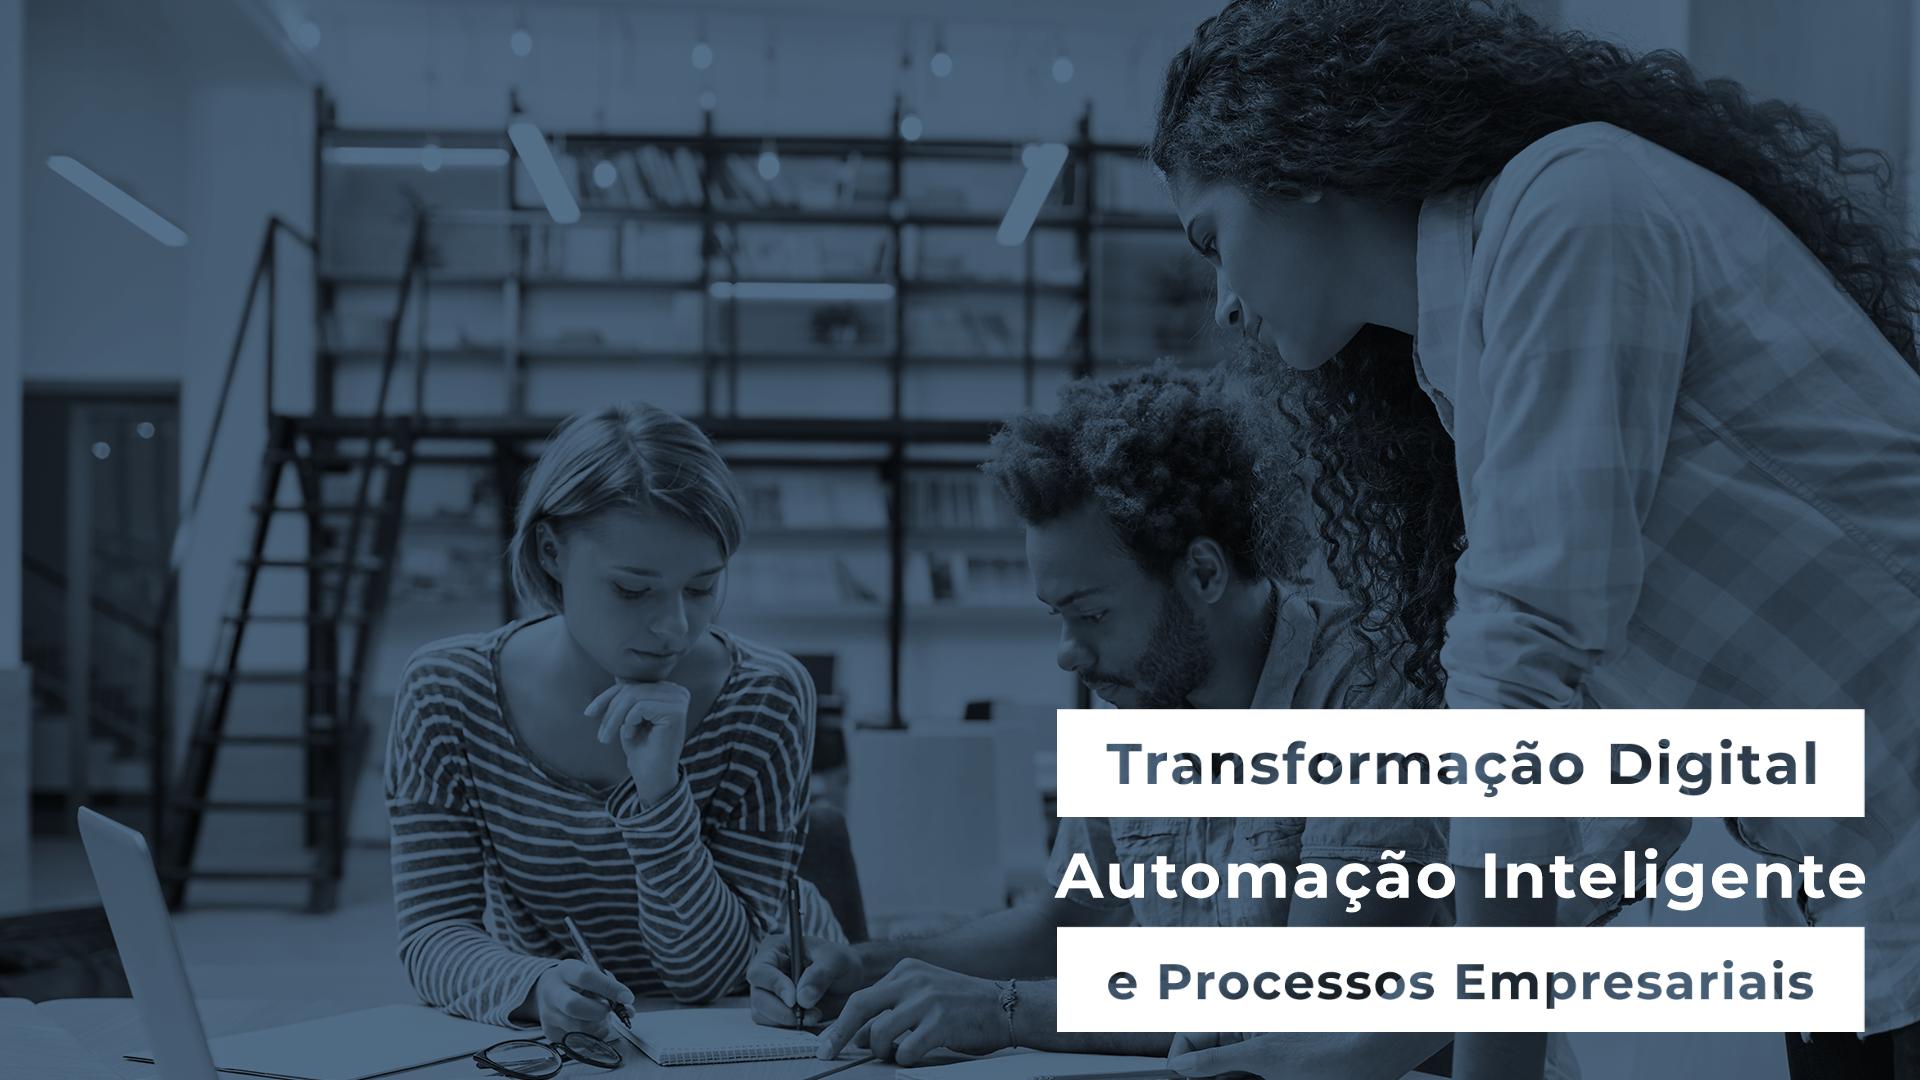 Transformação Digital: Automação Inteligente de Processos Empresariais